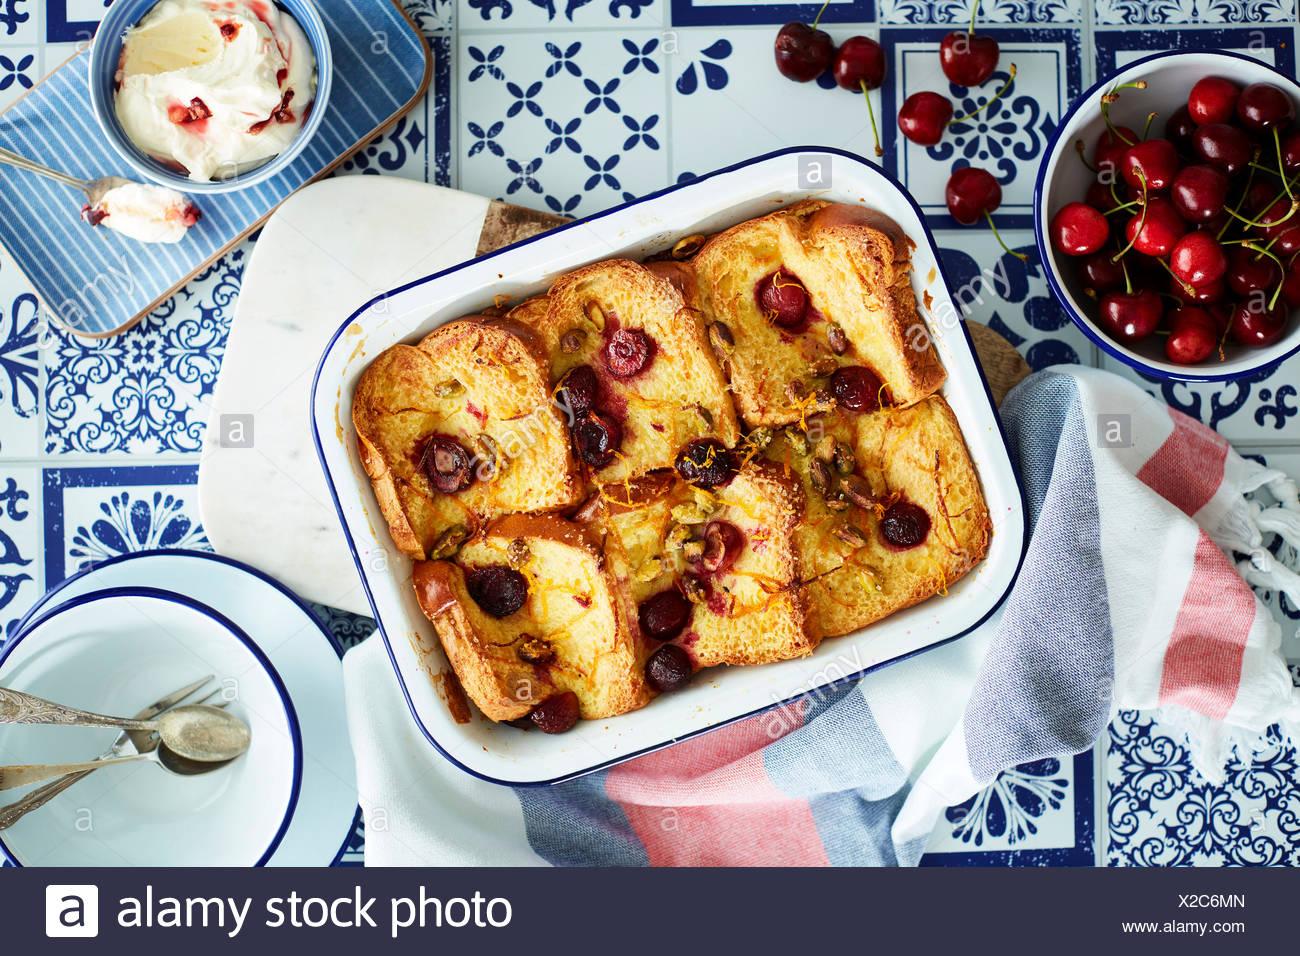 Kirsche Brot und Butter pudding Stockfoto